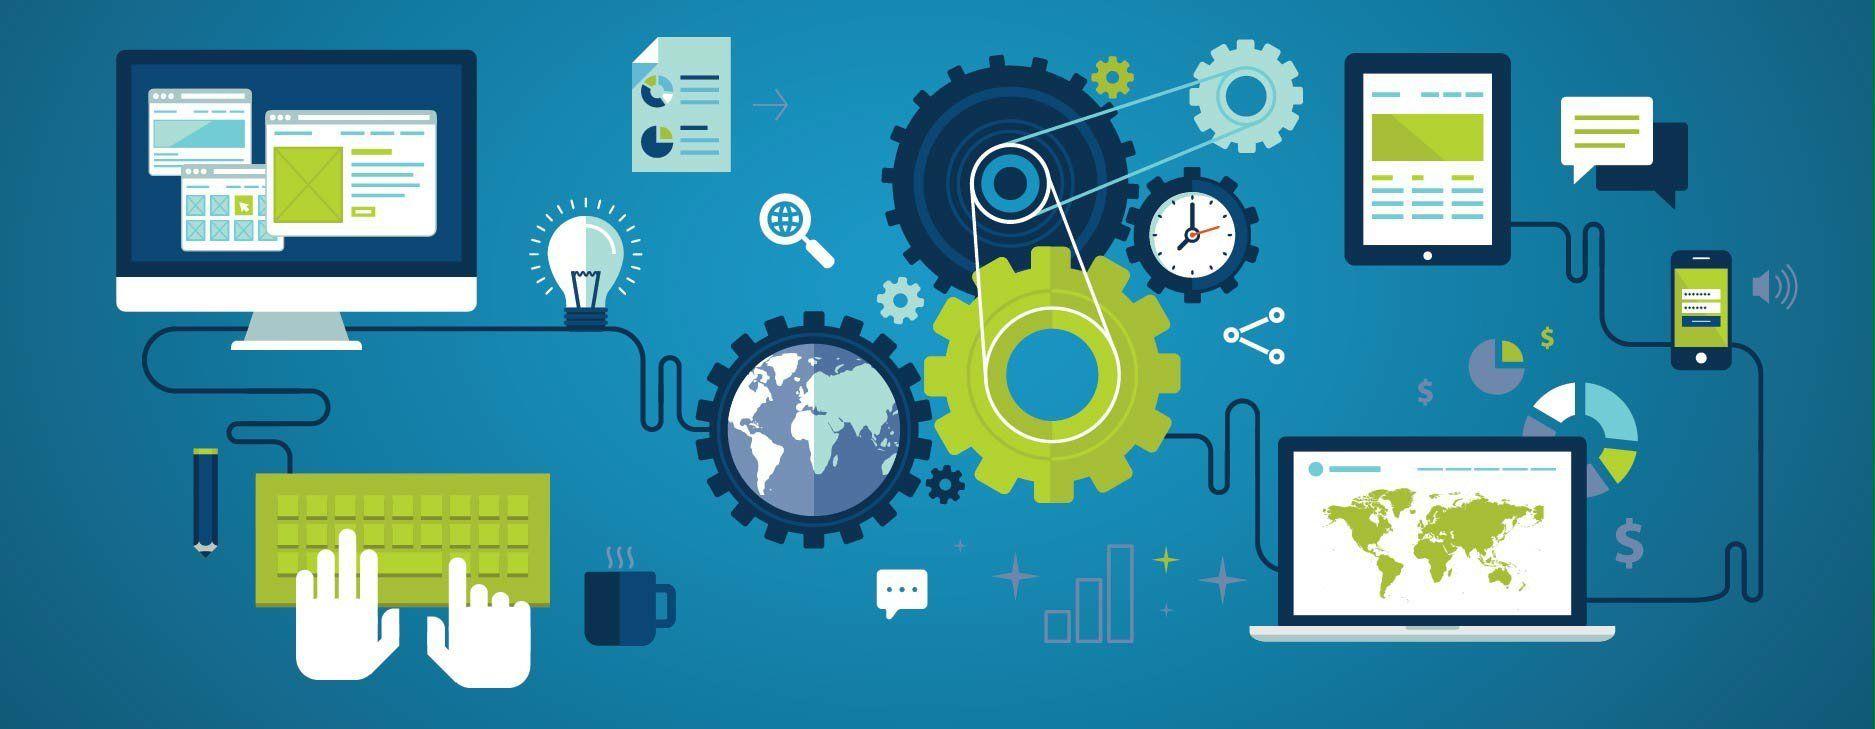 digital-media-digital-marketing